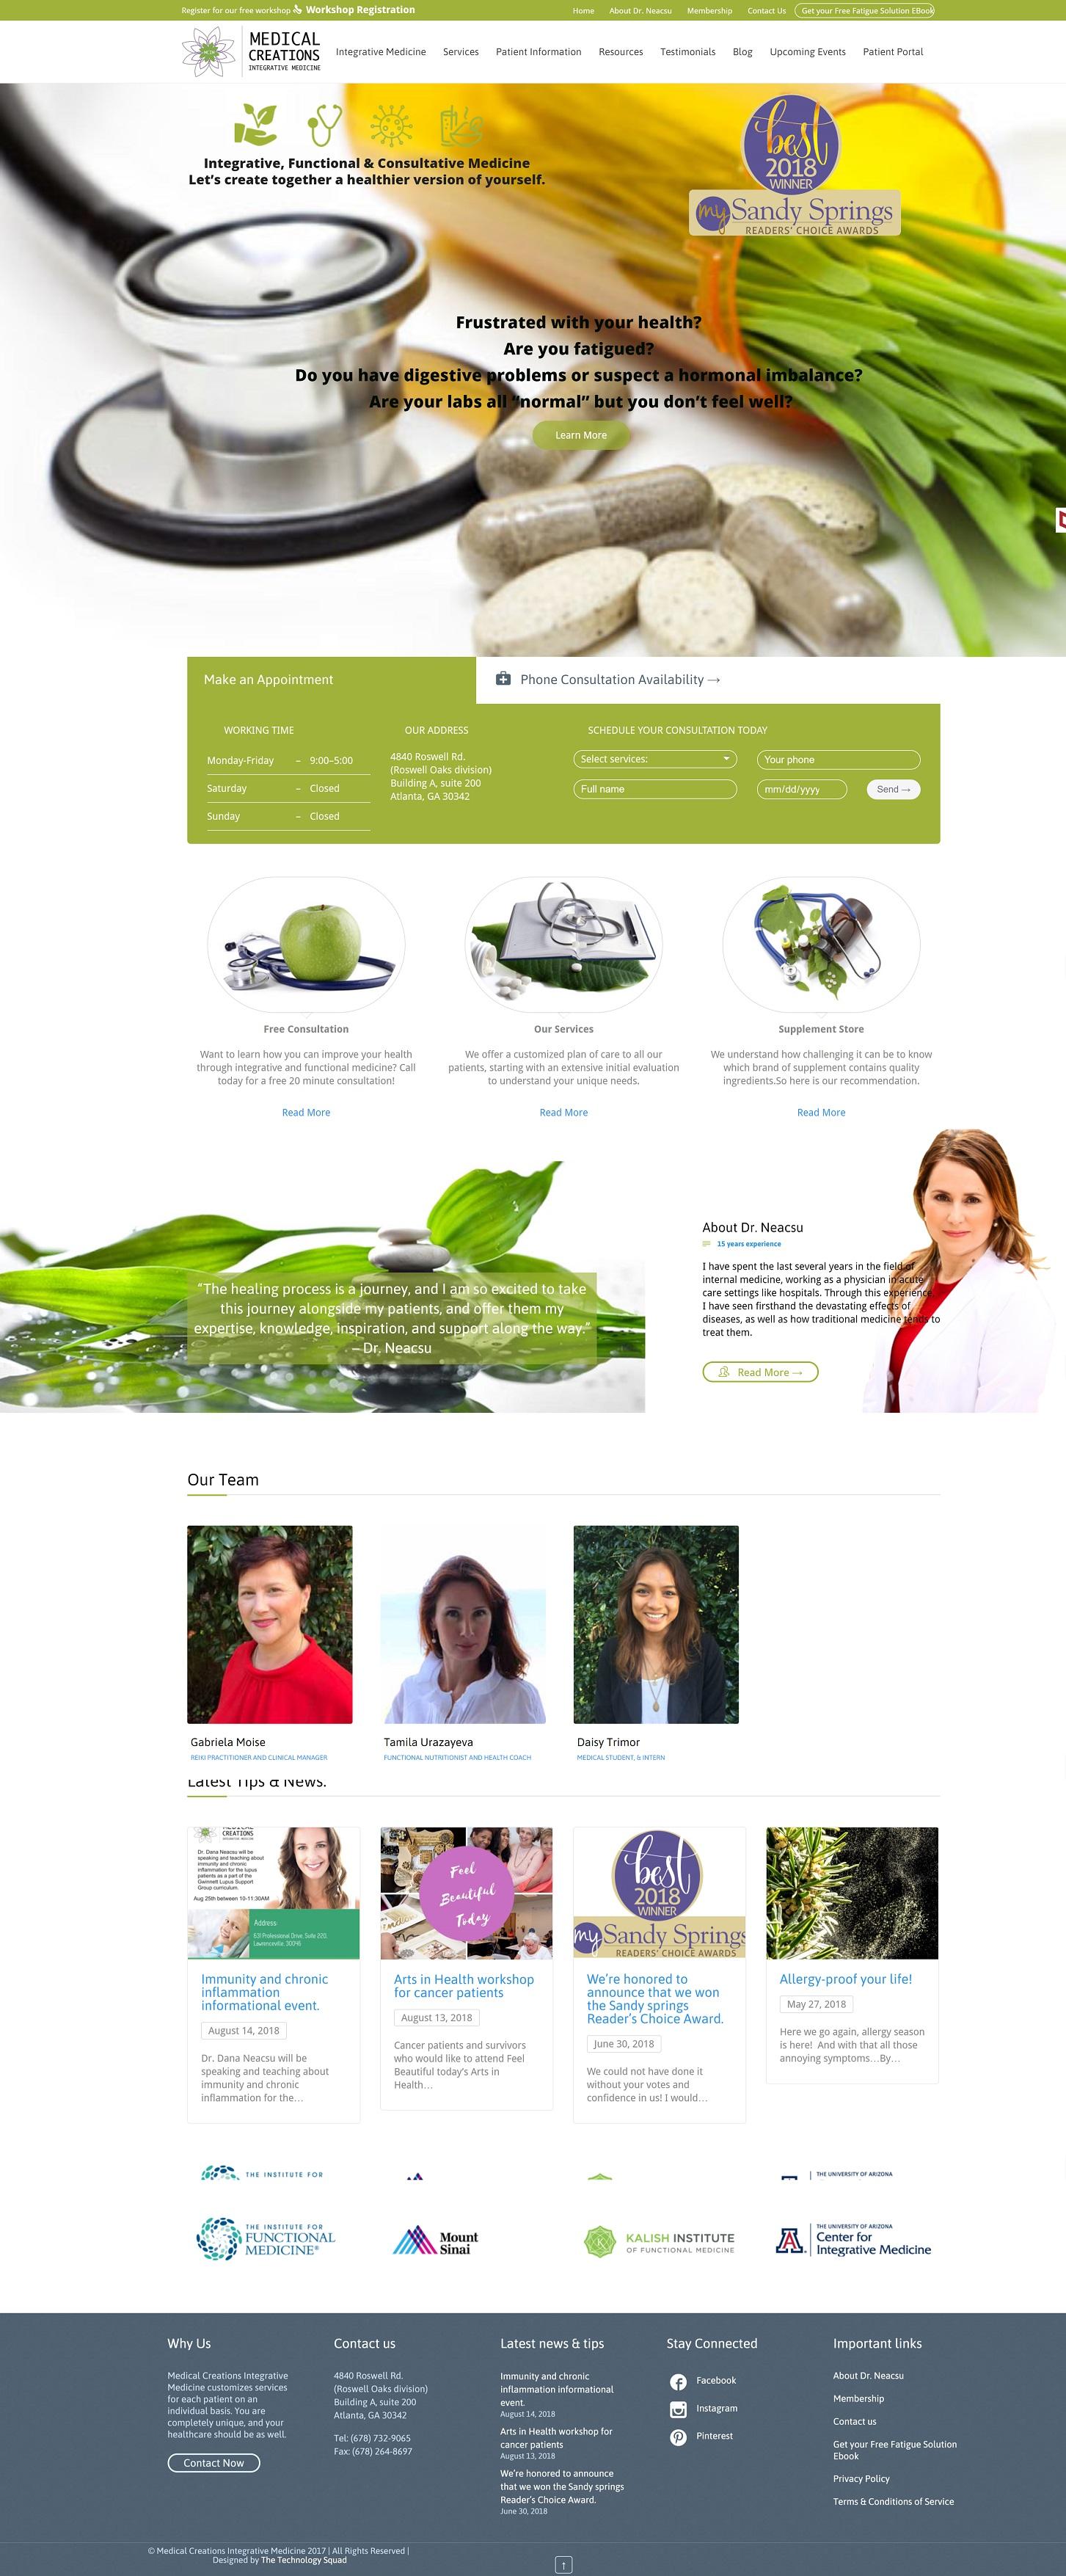 Medical Creations Integrative Medicine